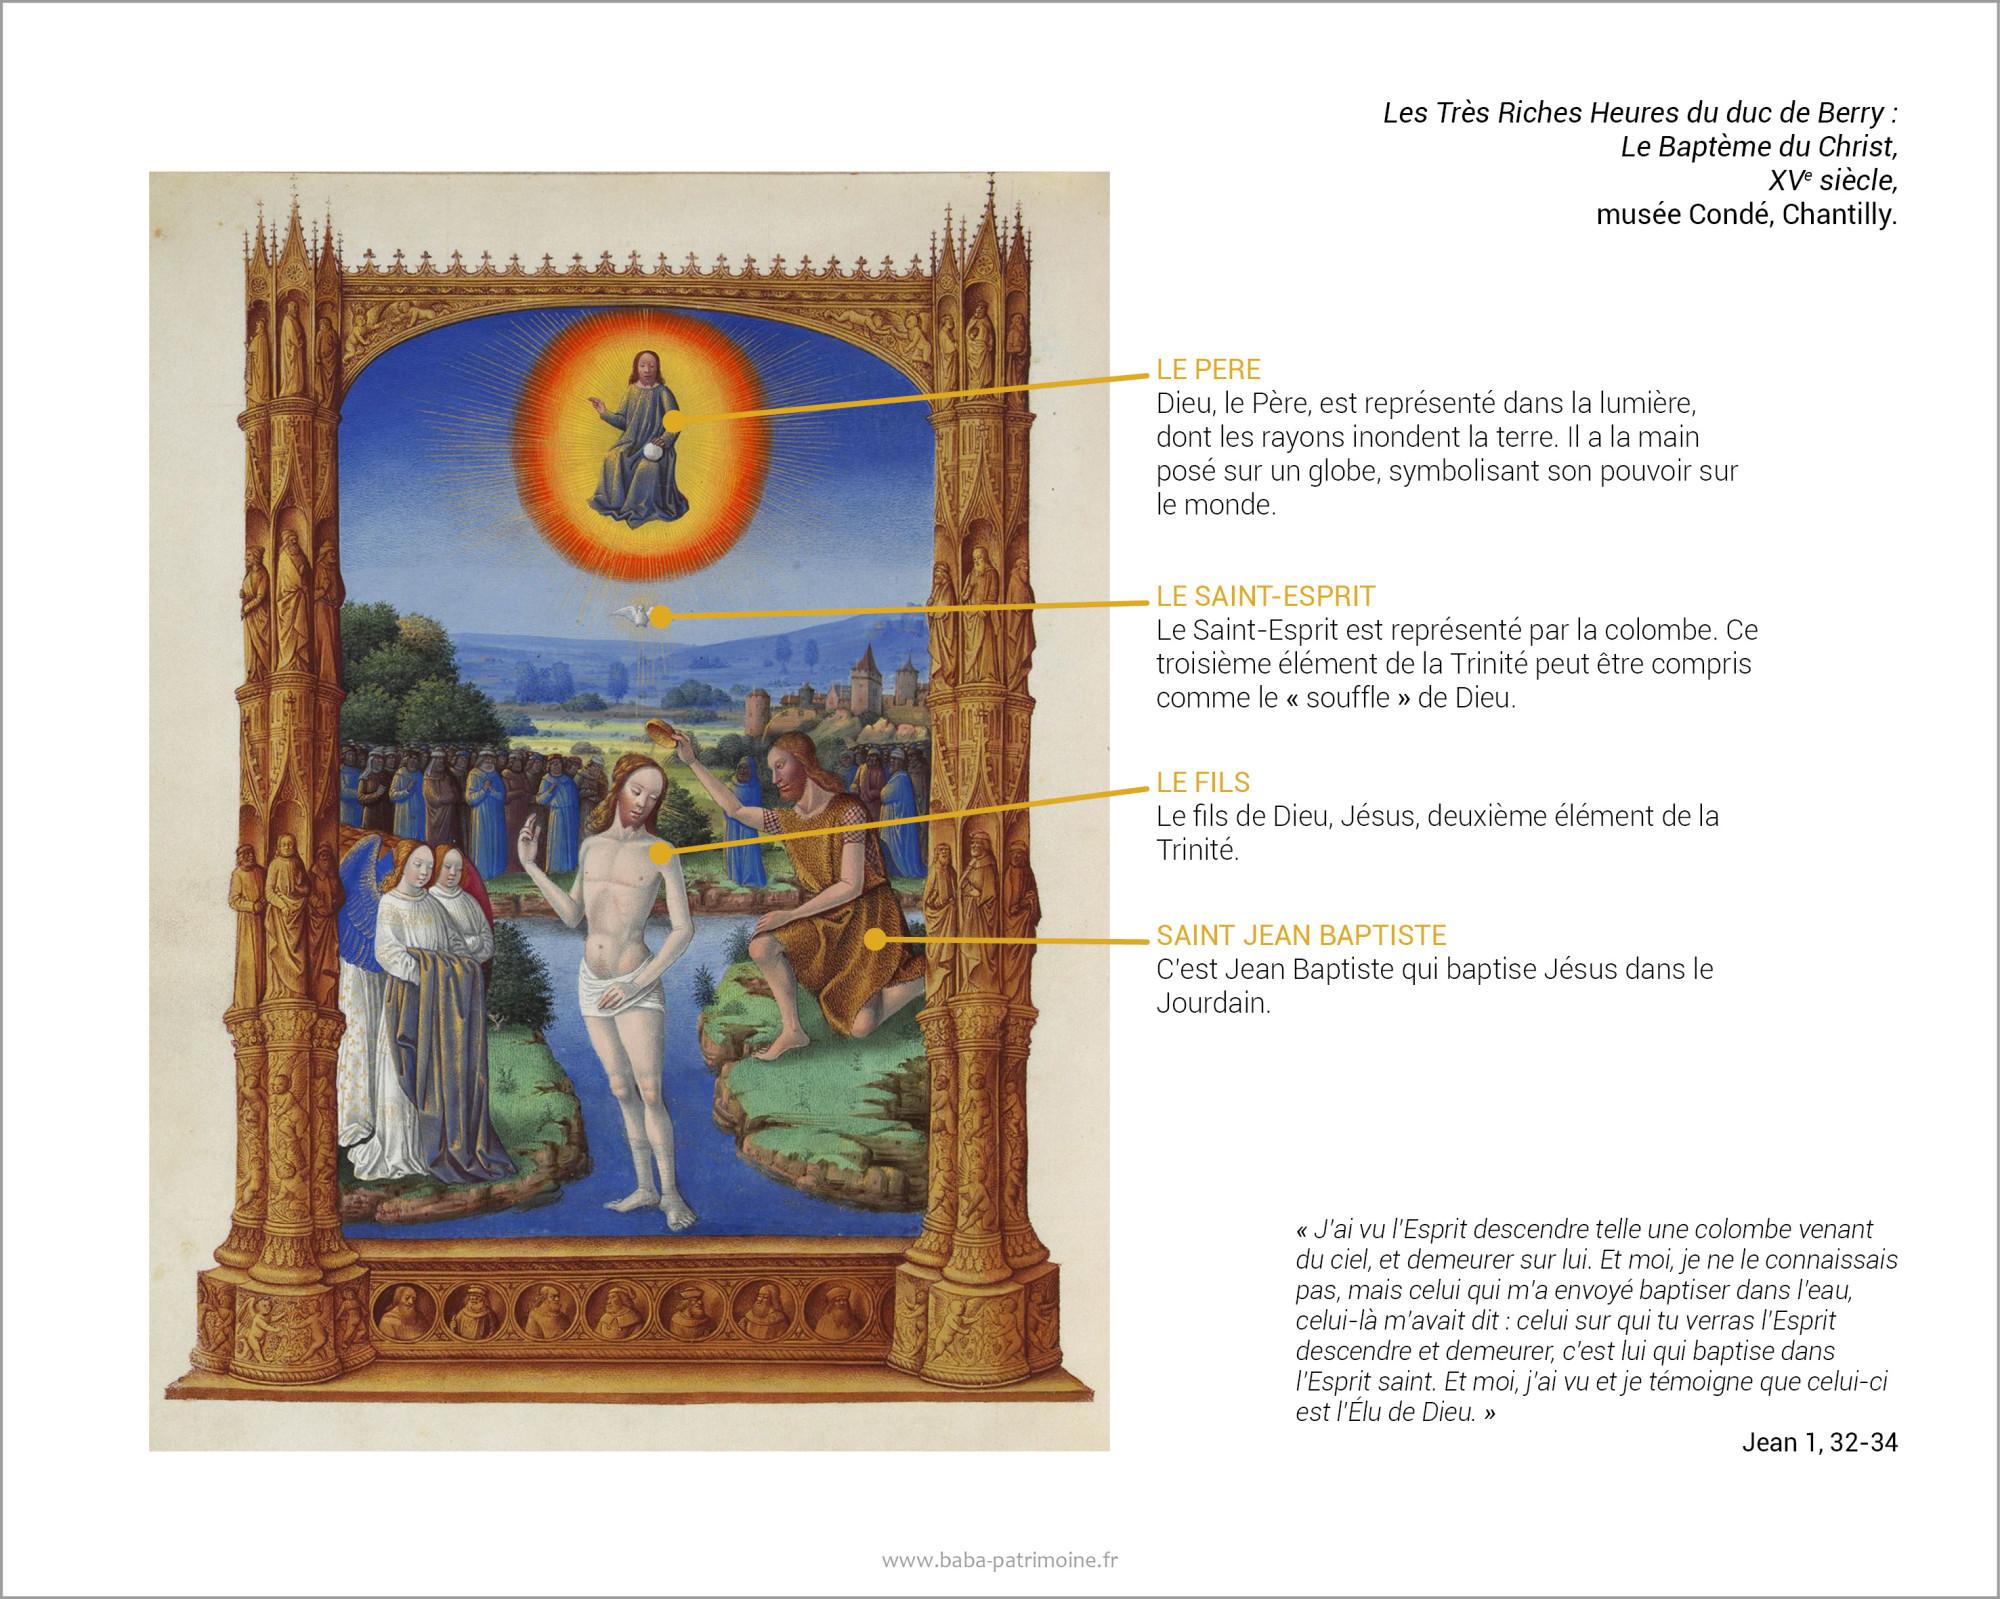 Analyse de l'enluminure des Très Riches Heures du duc de Berry : Le Baptème du Christ, XVe, musée Condé, Chantilly.